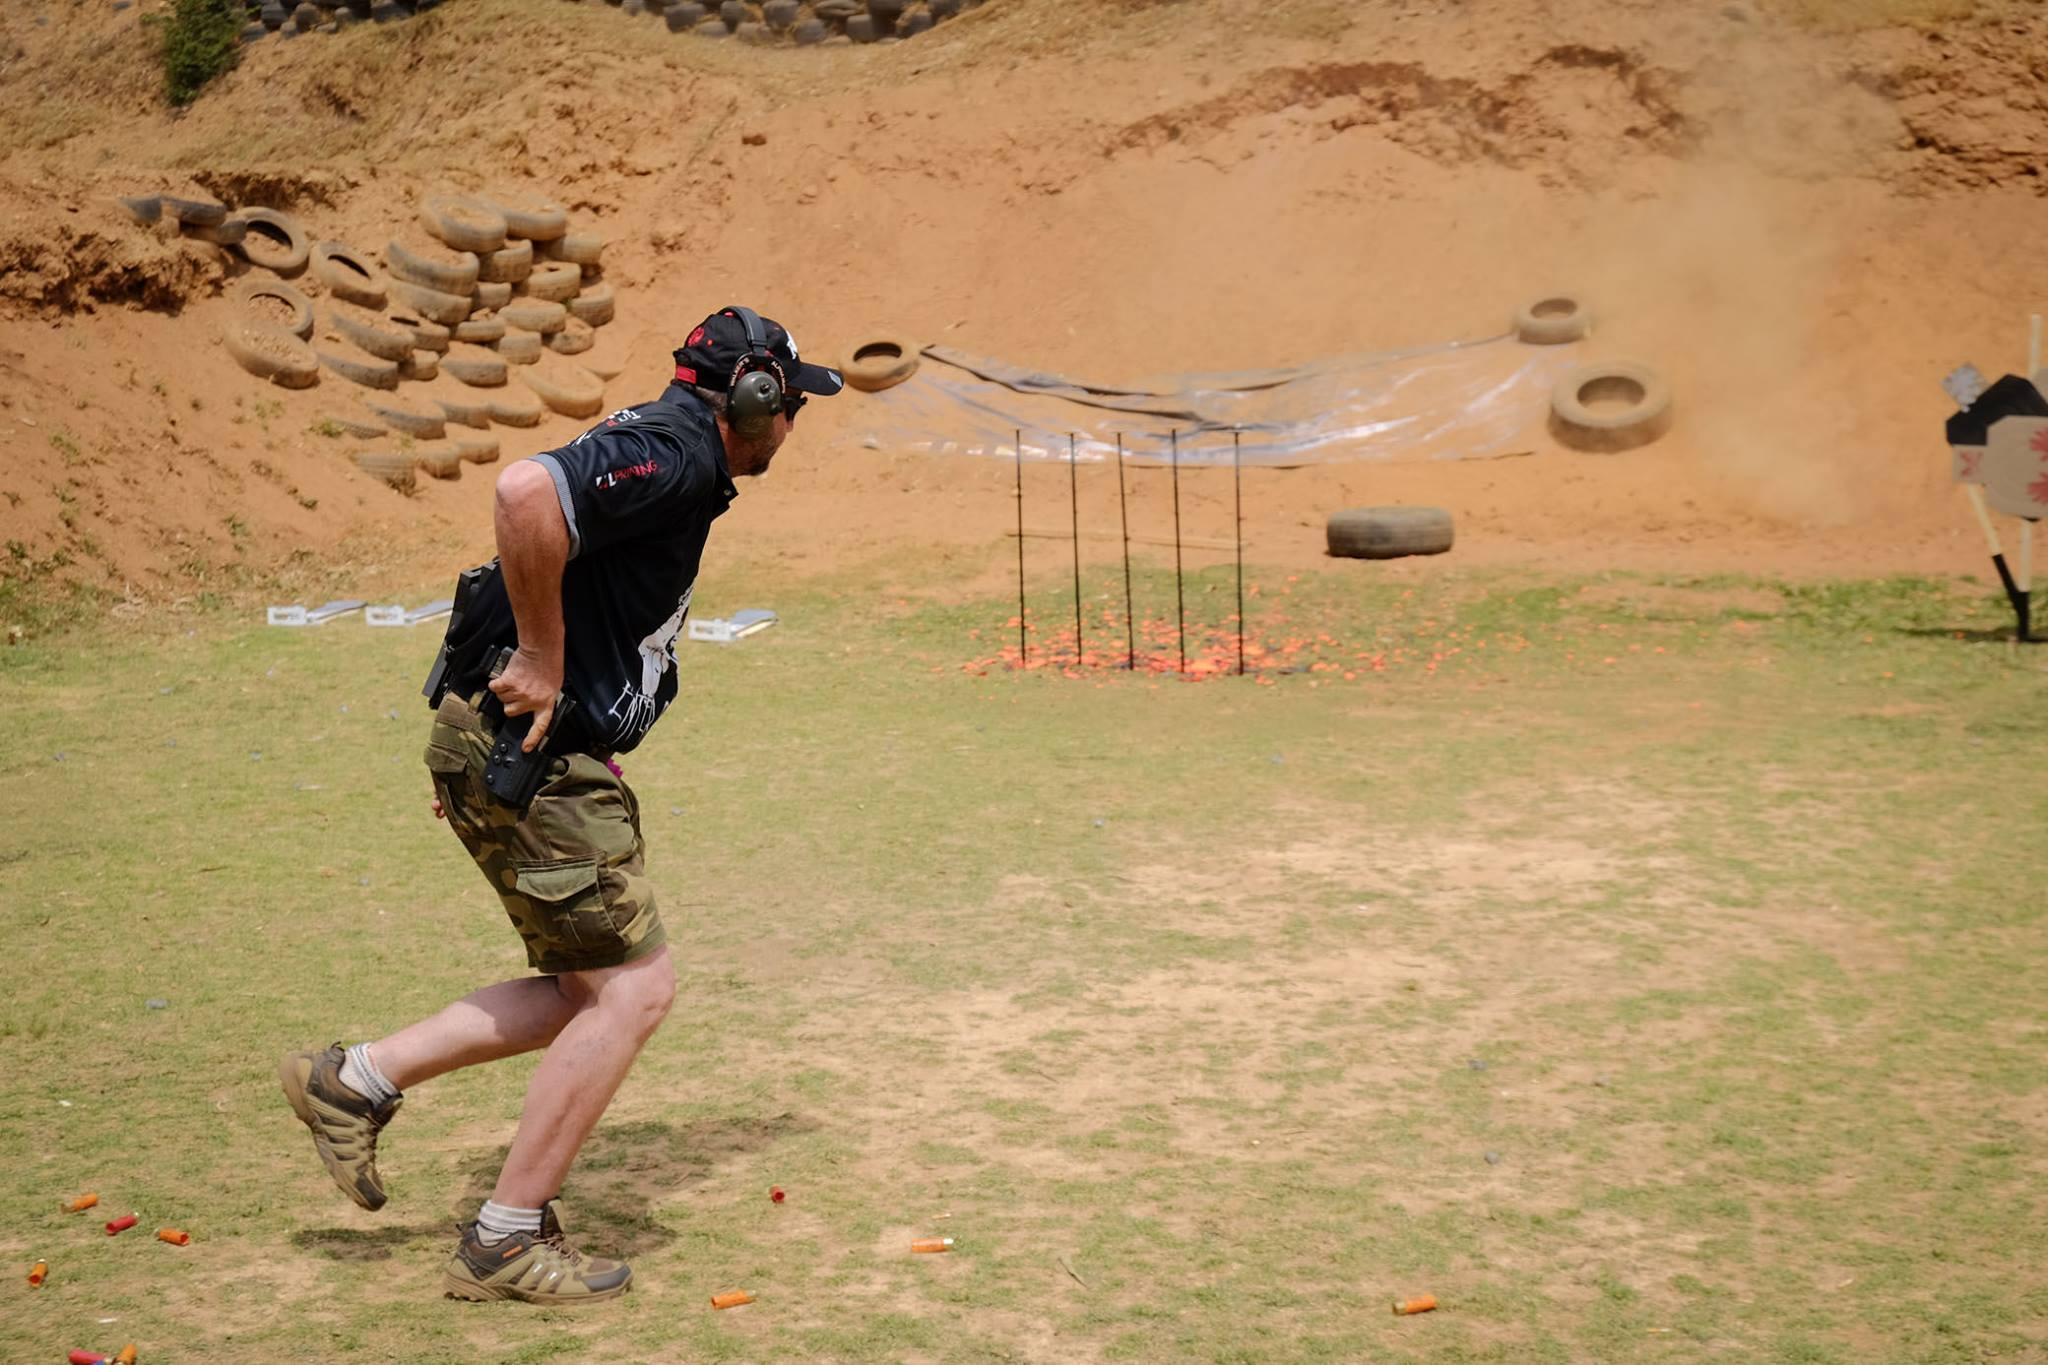 Tac SHAC DPC: Enter Sandman League Shoot